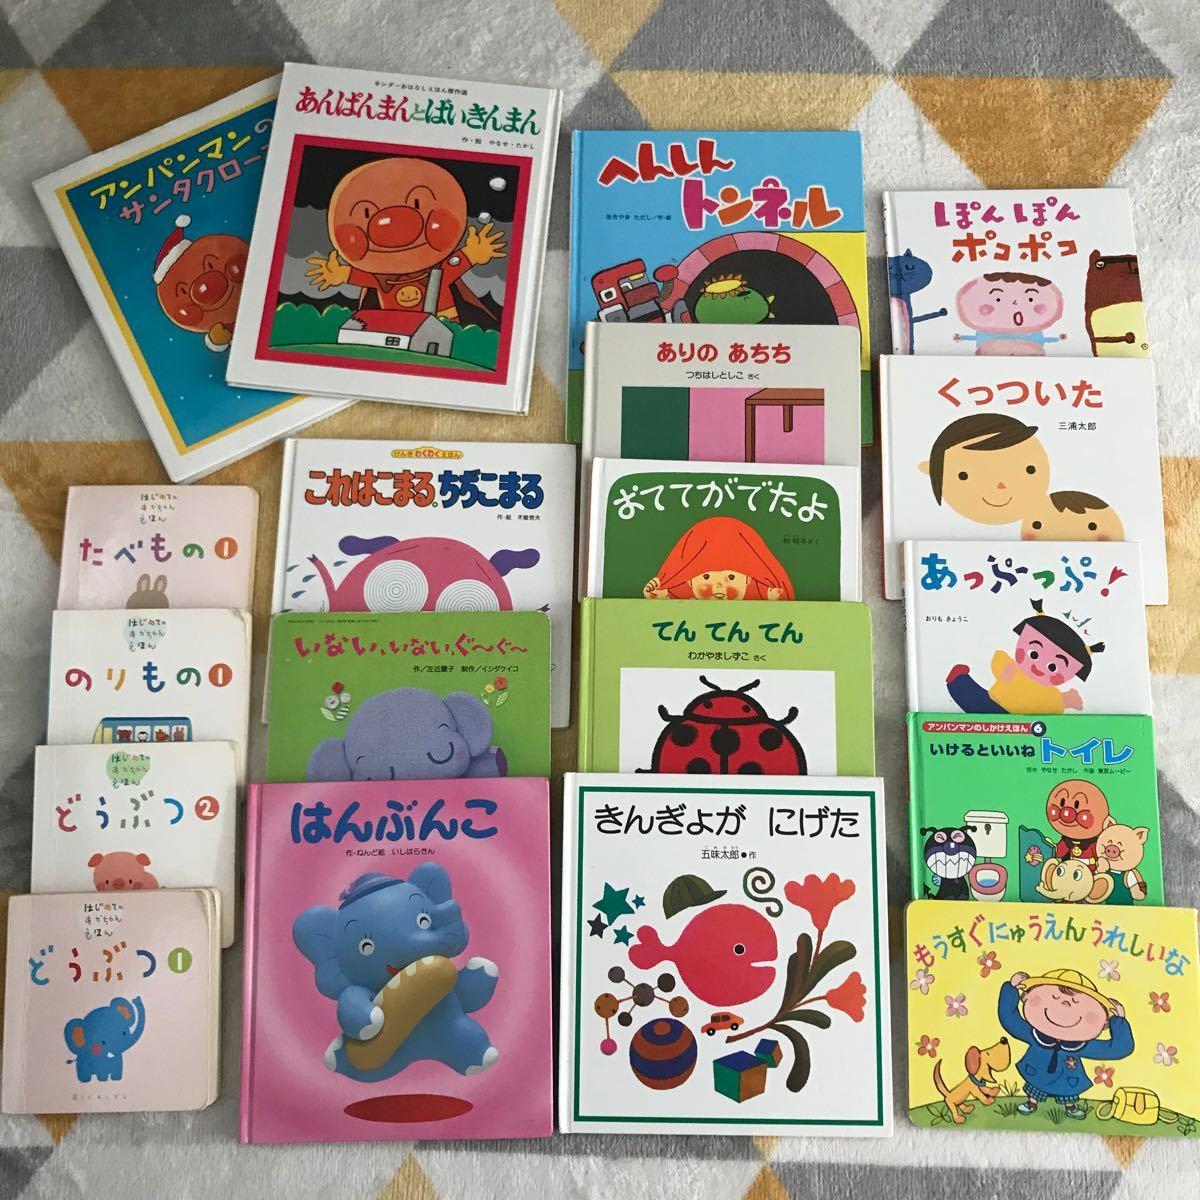 乳幼児 幼児 絵本まとめ売り19冊 絵本セット